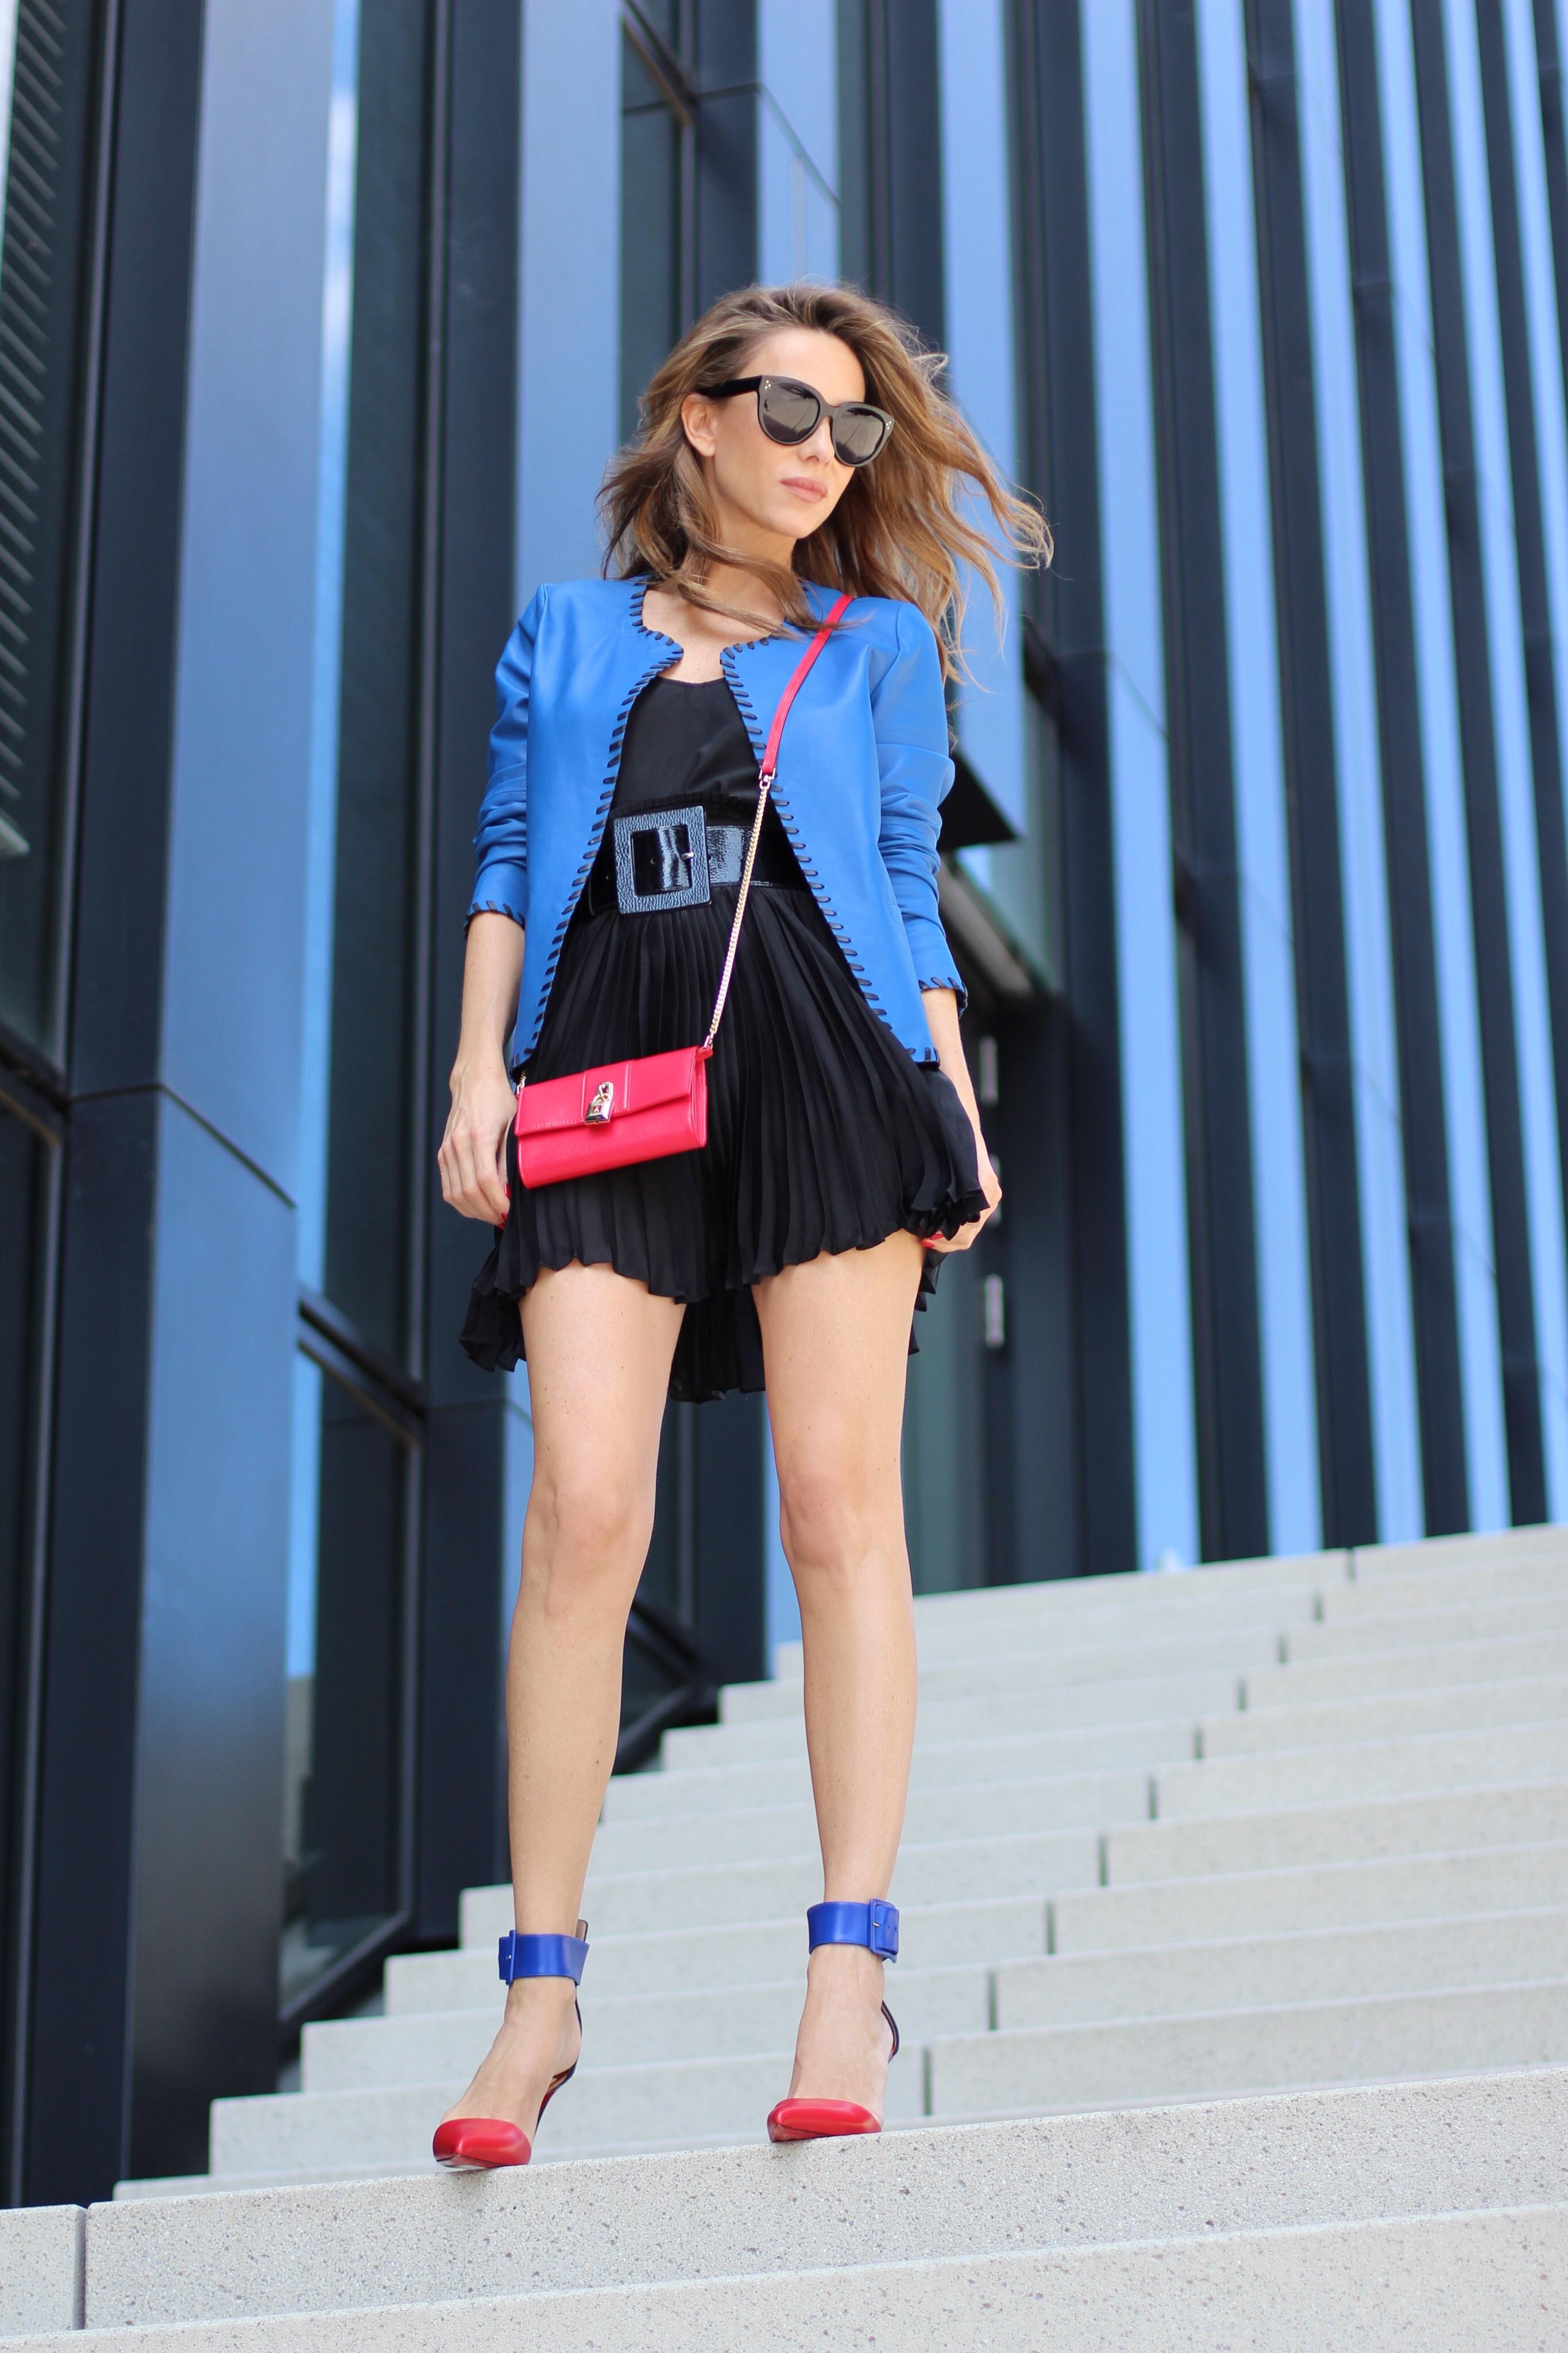 Leather Jacket Pleated Skirt Blog Alexandra Lapp